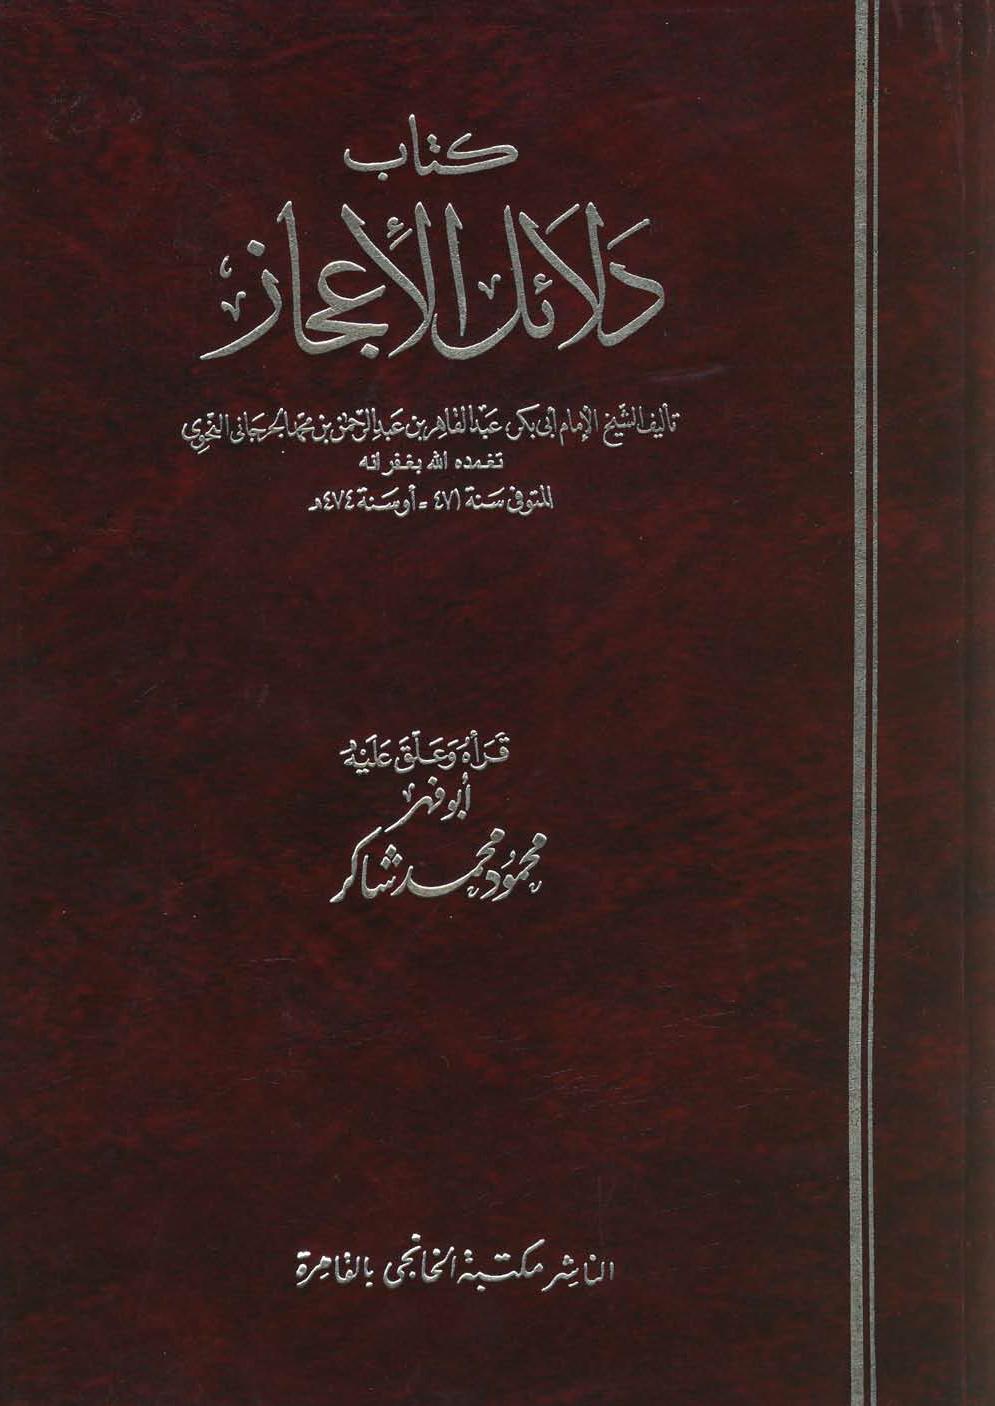 تحميل كتاب دلائل الإعجاز (ت. شاكر) لـِ: الإمام أبو بكر عبد القاهر بن عبد الرحمن بن محمد الفارسي الجرجاني (ت 471)